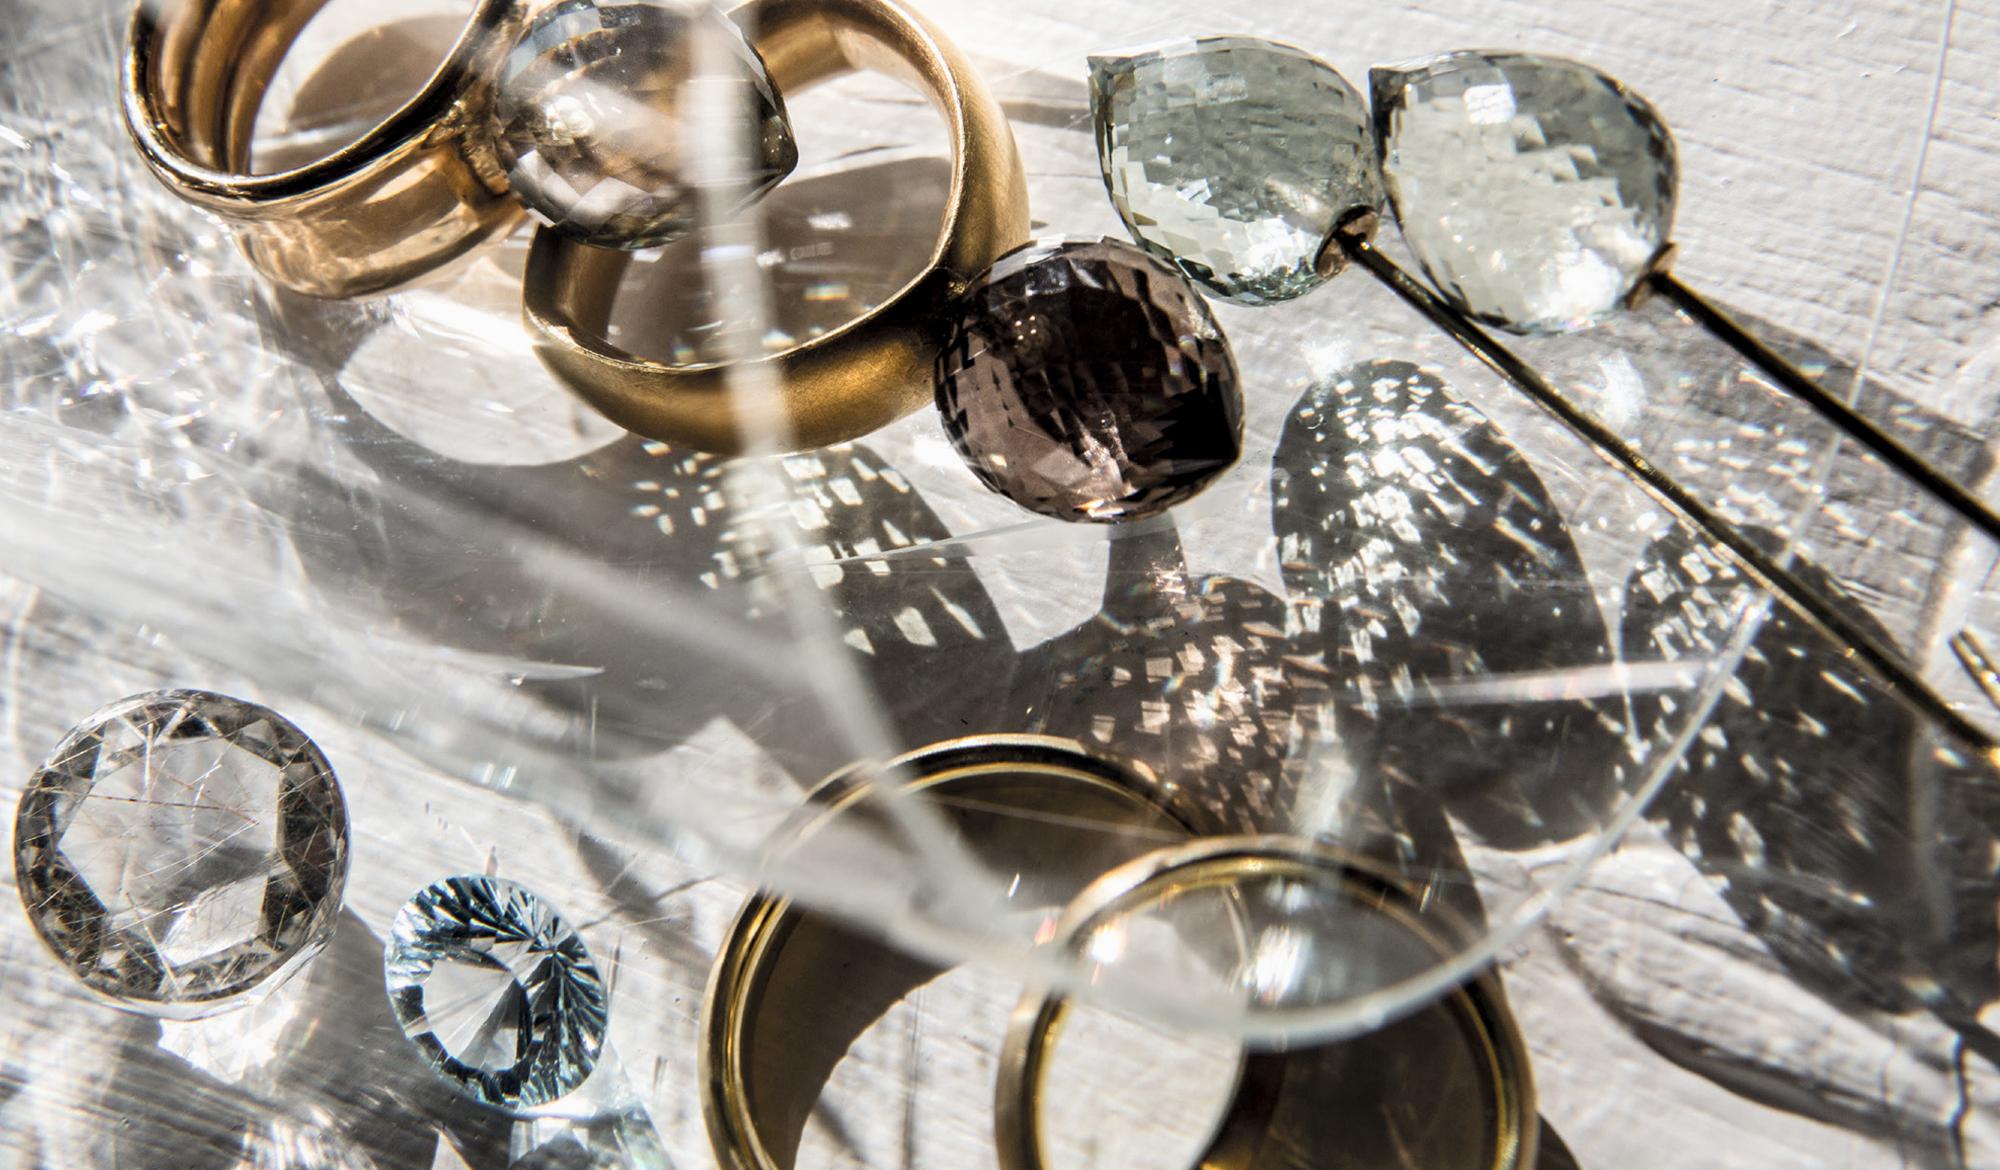 Angelika Hanstein Hamburg. Prasiolith-Ring 585/000 Roségold. Darunter ein dreieckiger Ring in 750/000 Gold mit einem Rauchquarz. Oben rechts Ohrschmuck in 585/000 Gold und Prasiolith. Unten links ein runder, facettierter hellblauer Aquamarin und ein runder facettierter Bergkristall mit Rutilnadeln.